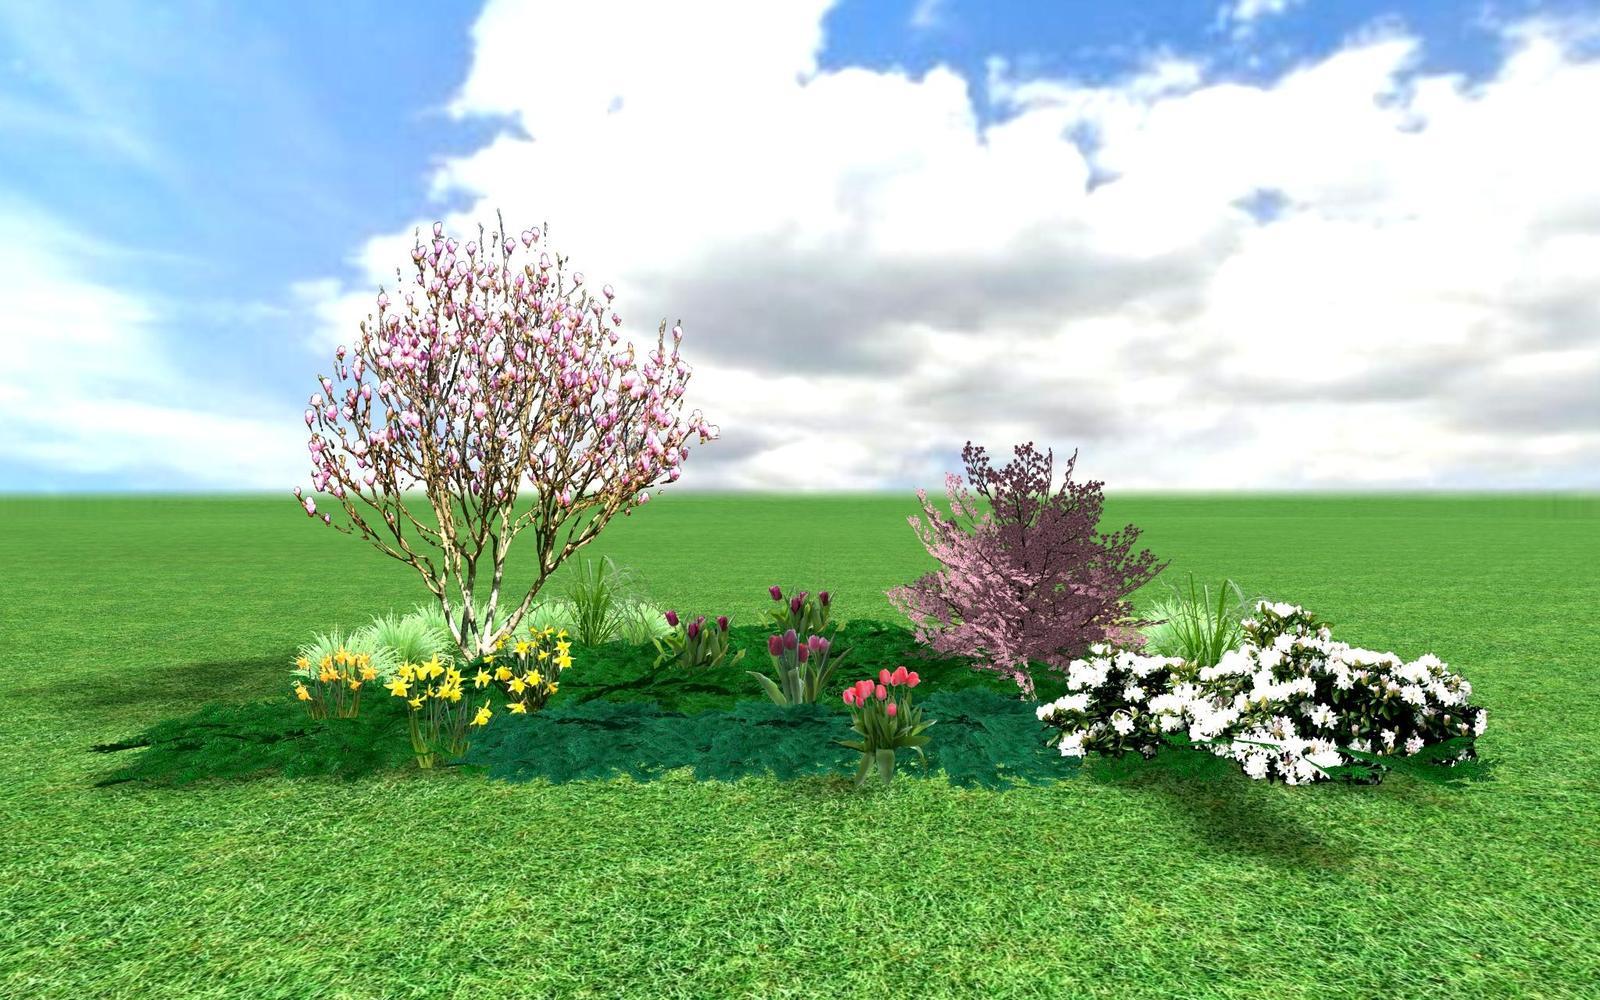 Záhony, výsadby a nejaké tie doplnky - : magnolie s např. mandloní trojlaločnou Prunus triloba. Doprovodem jim jsou bílý nízký rododendron, pokryvné jehličnany, jarní cibuloviny. V létě na tomto záhoně namísto narcisů a tulipánů mohou kvést denivky